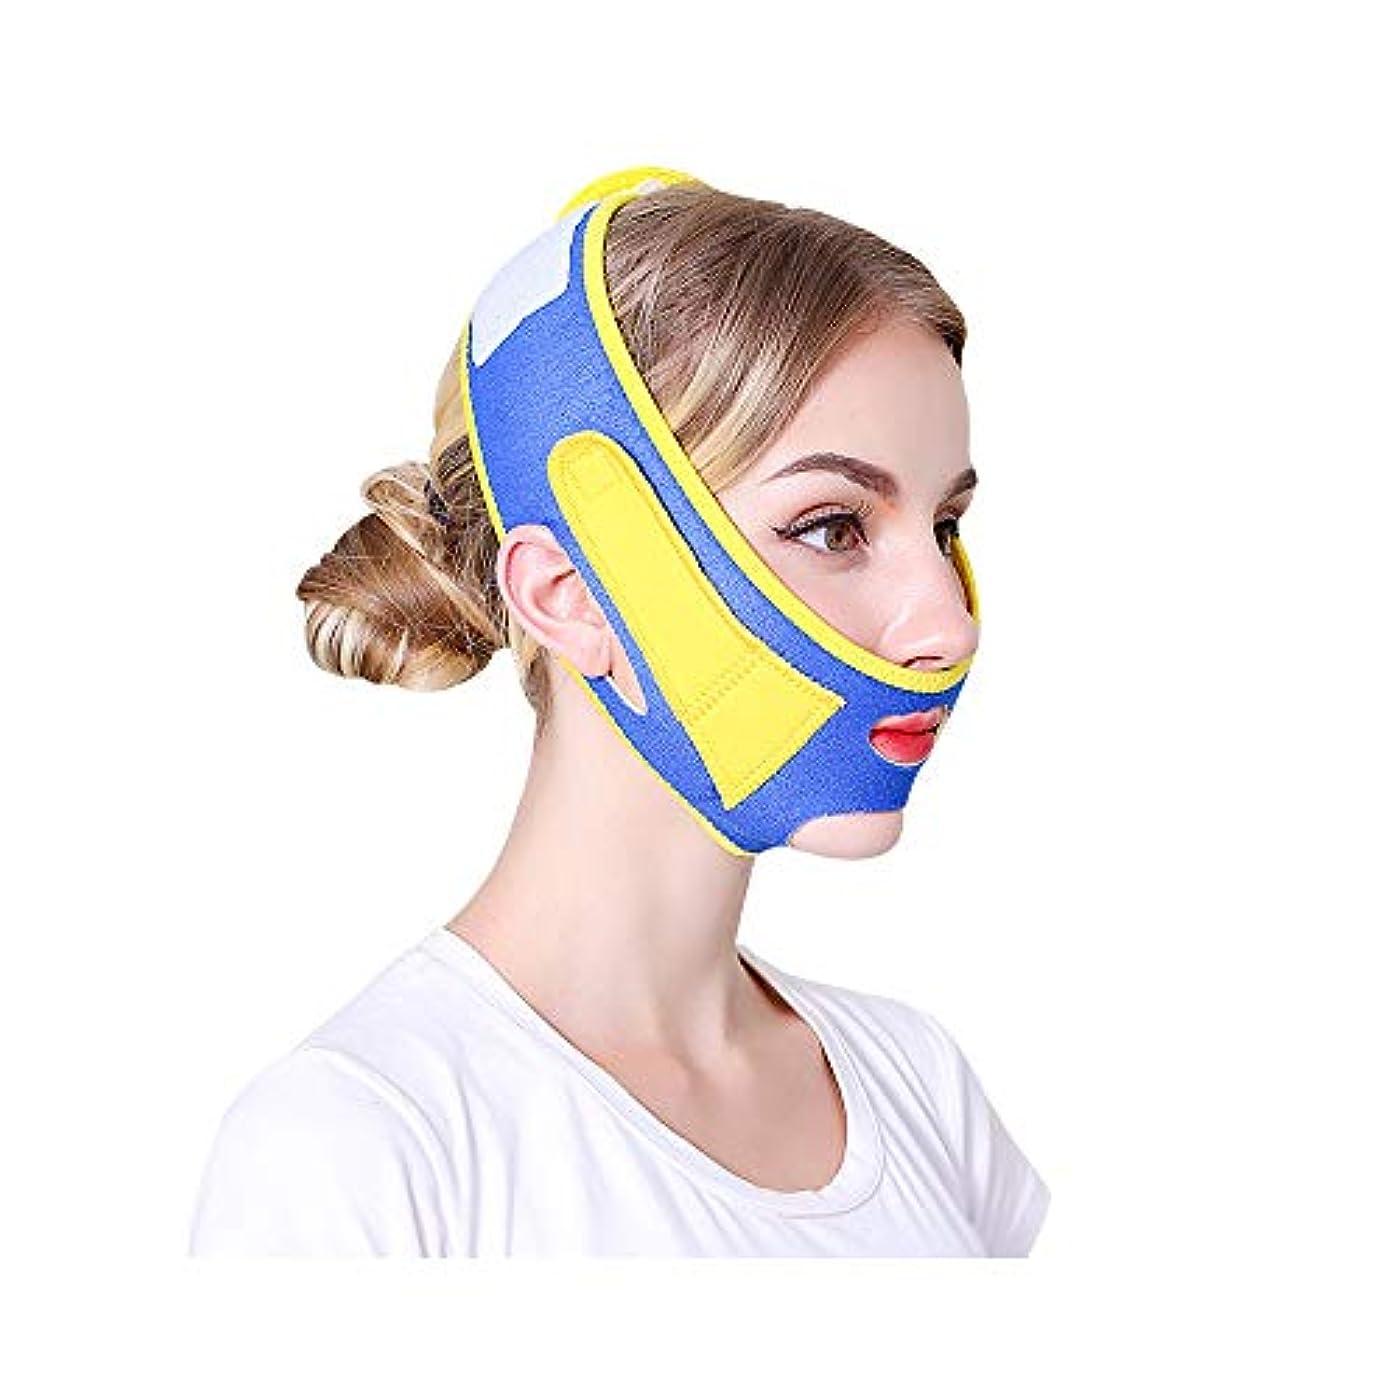 ディスパッチパン横顔矯正マスク - 肌を引き締め、しわを防ぐためのフェイシャルスリミングバンデージ&ダブルチンの除去-フェイスケアスリミングストラップ